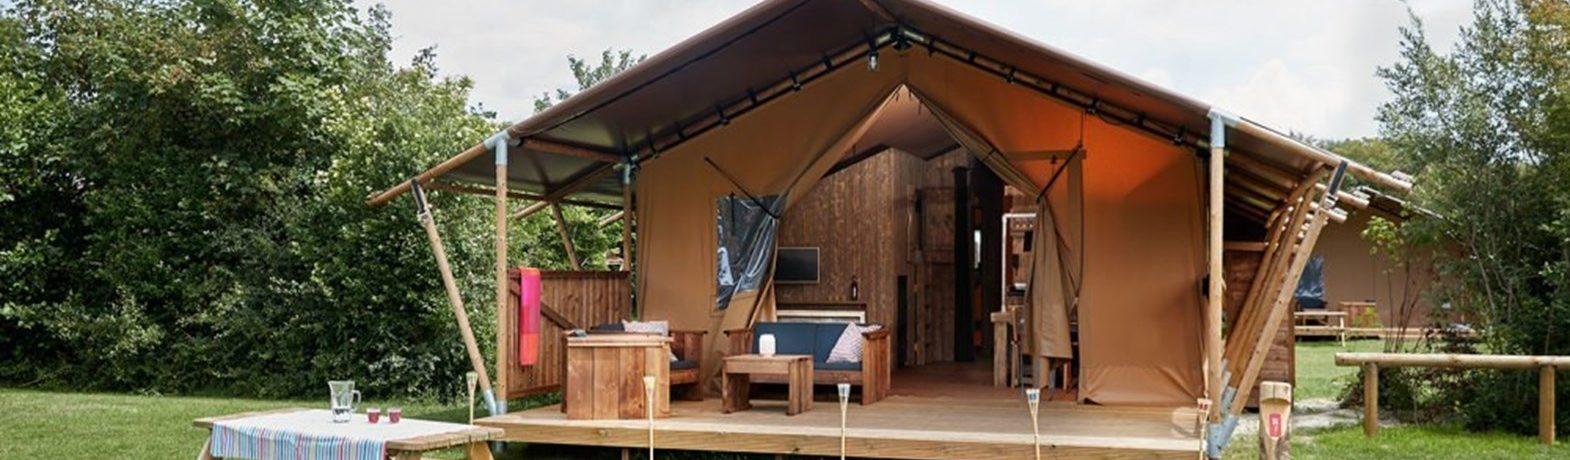 Luxe kamperen op Texel? Ontdek de Luxury Lodge en Safari Lodge op Vakantiepark & glamping De Krim op Texel! Dit is kamperen…maar dan net even anders!